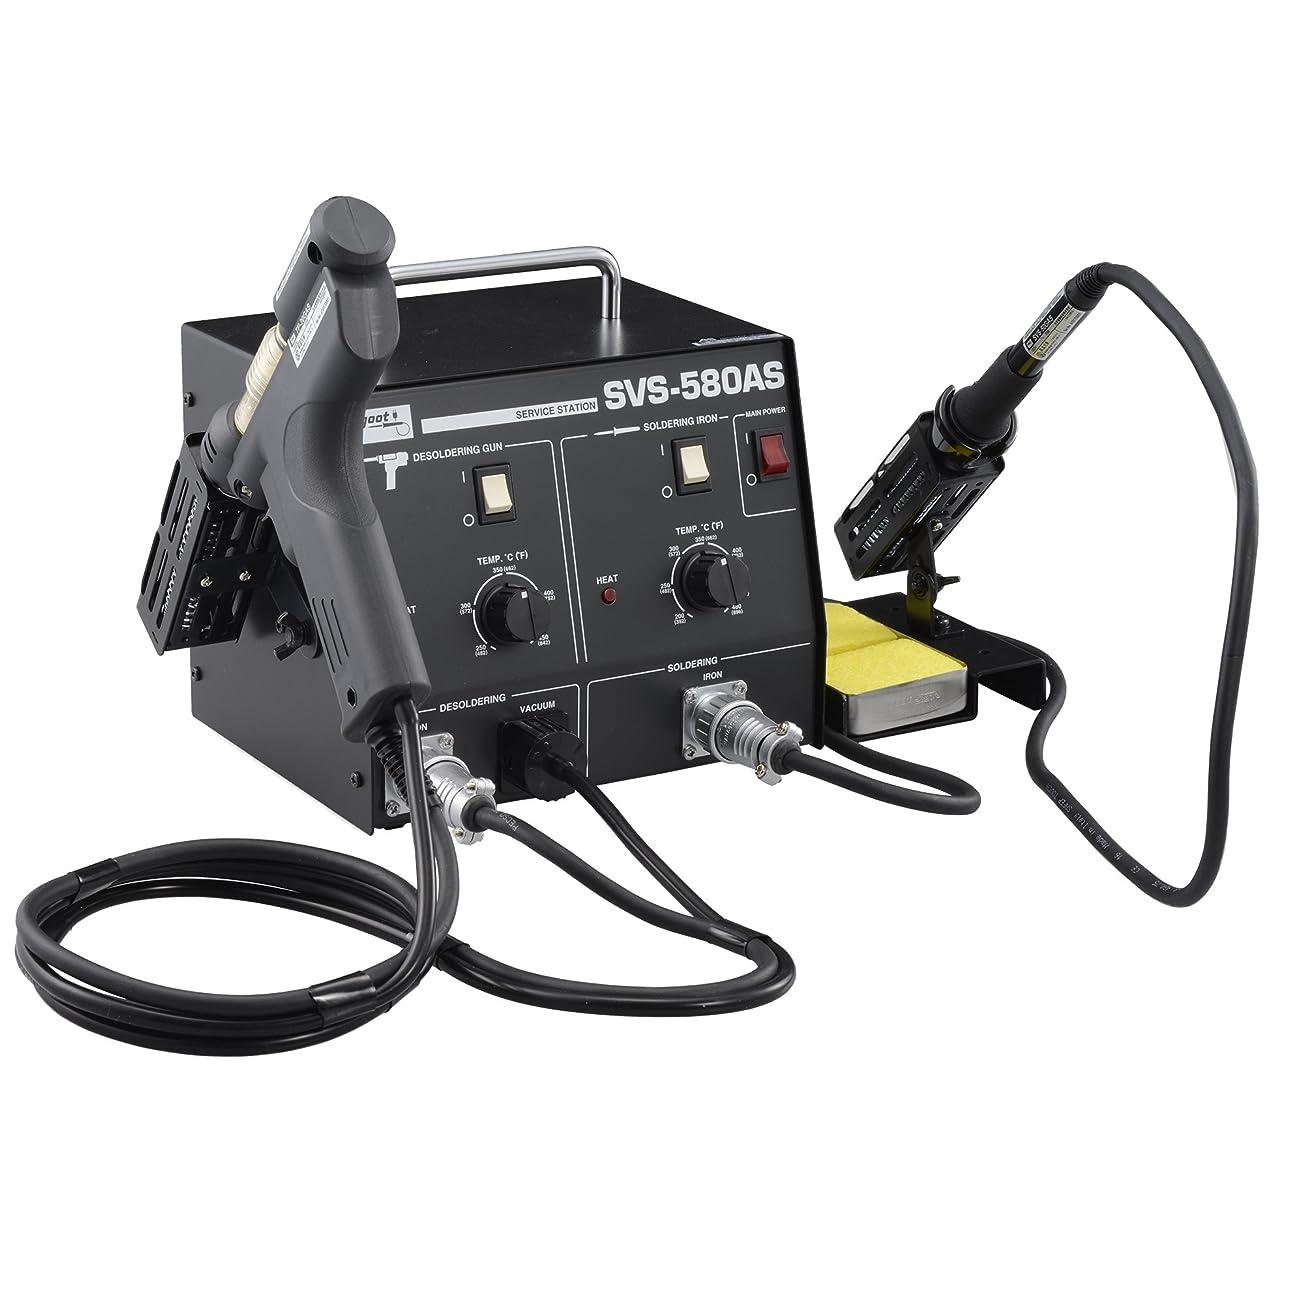 衣服引き算ストライドgoot サービスステーション 静電 SVS-580AS